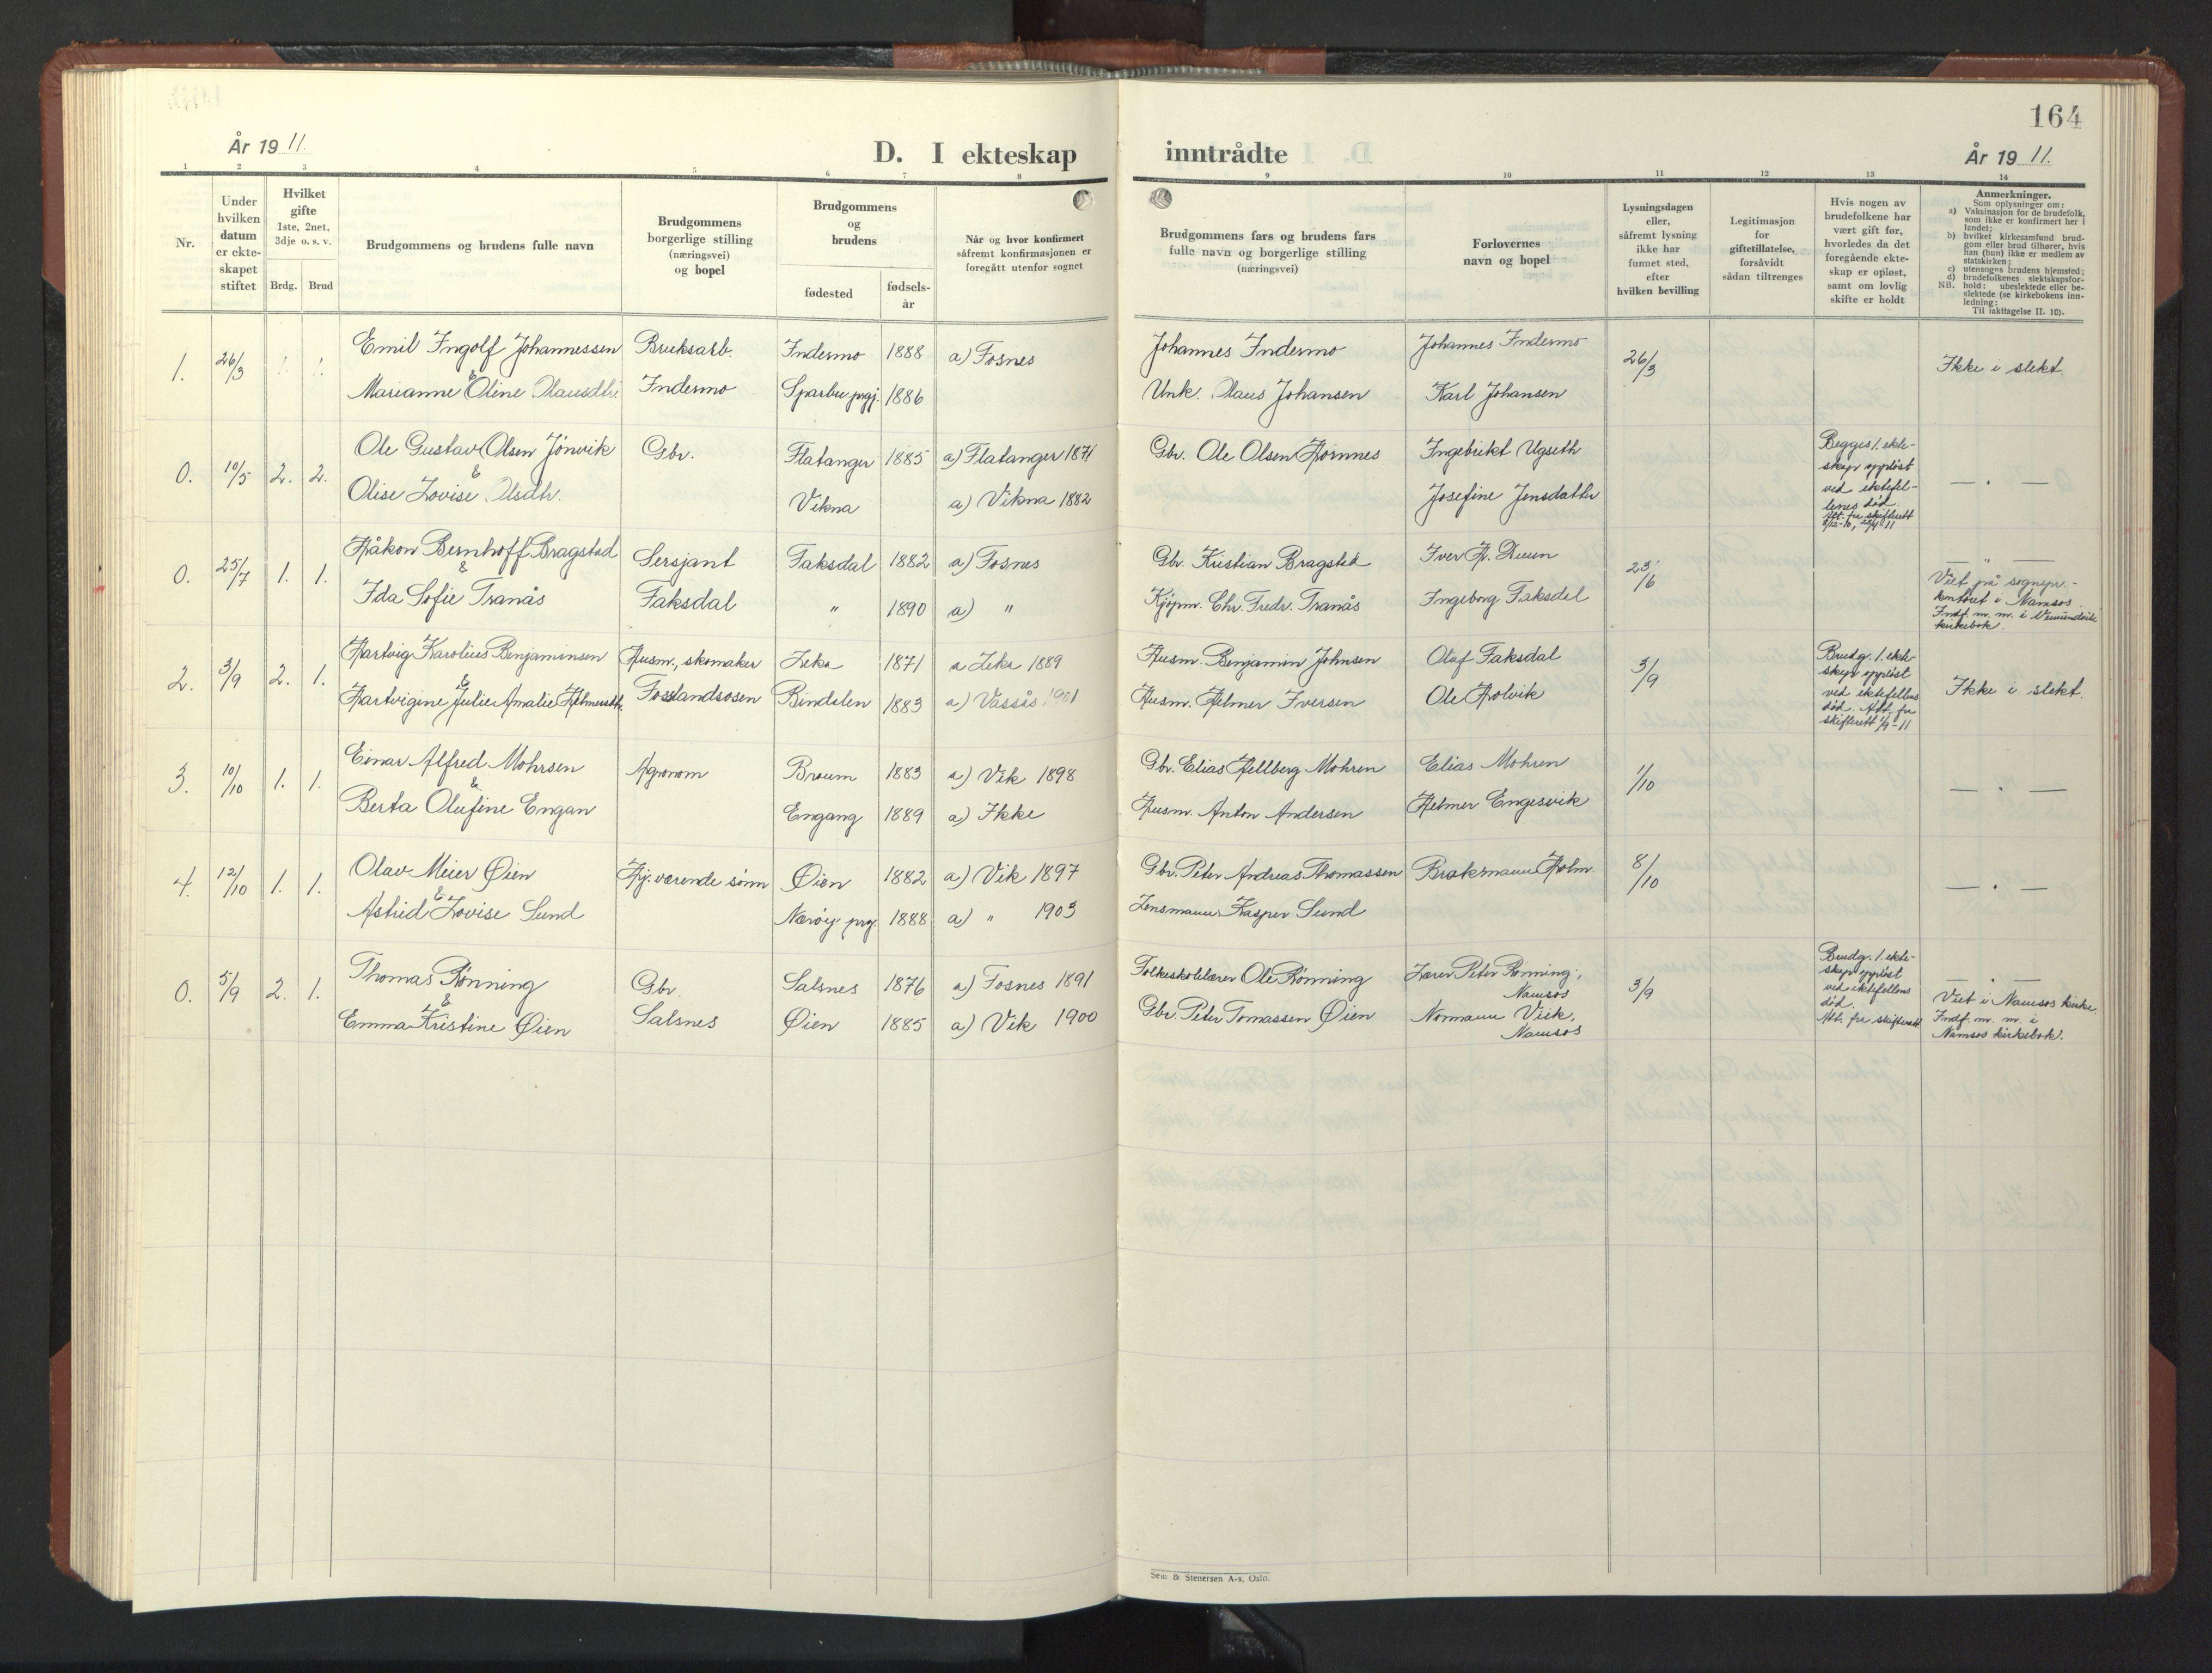 SAT, Ministerialprotokoller, klokkerbøker og fødselsregistre - Nord-Trøndelag, 773/L0625: Klokkerbok nr. 773C01, 1910-1952, s. 164